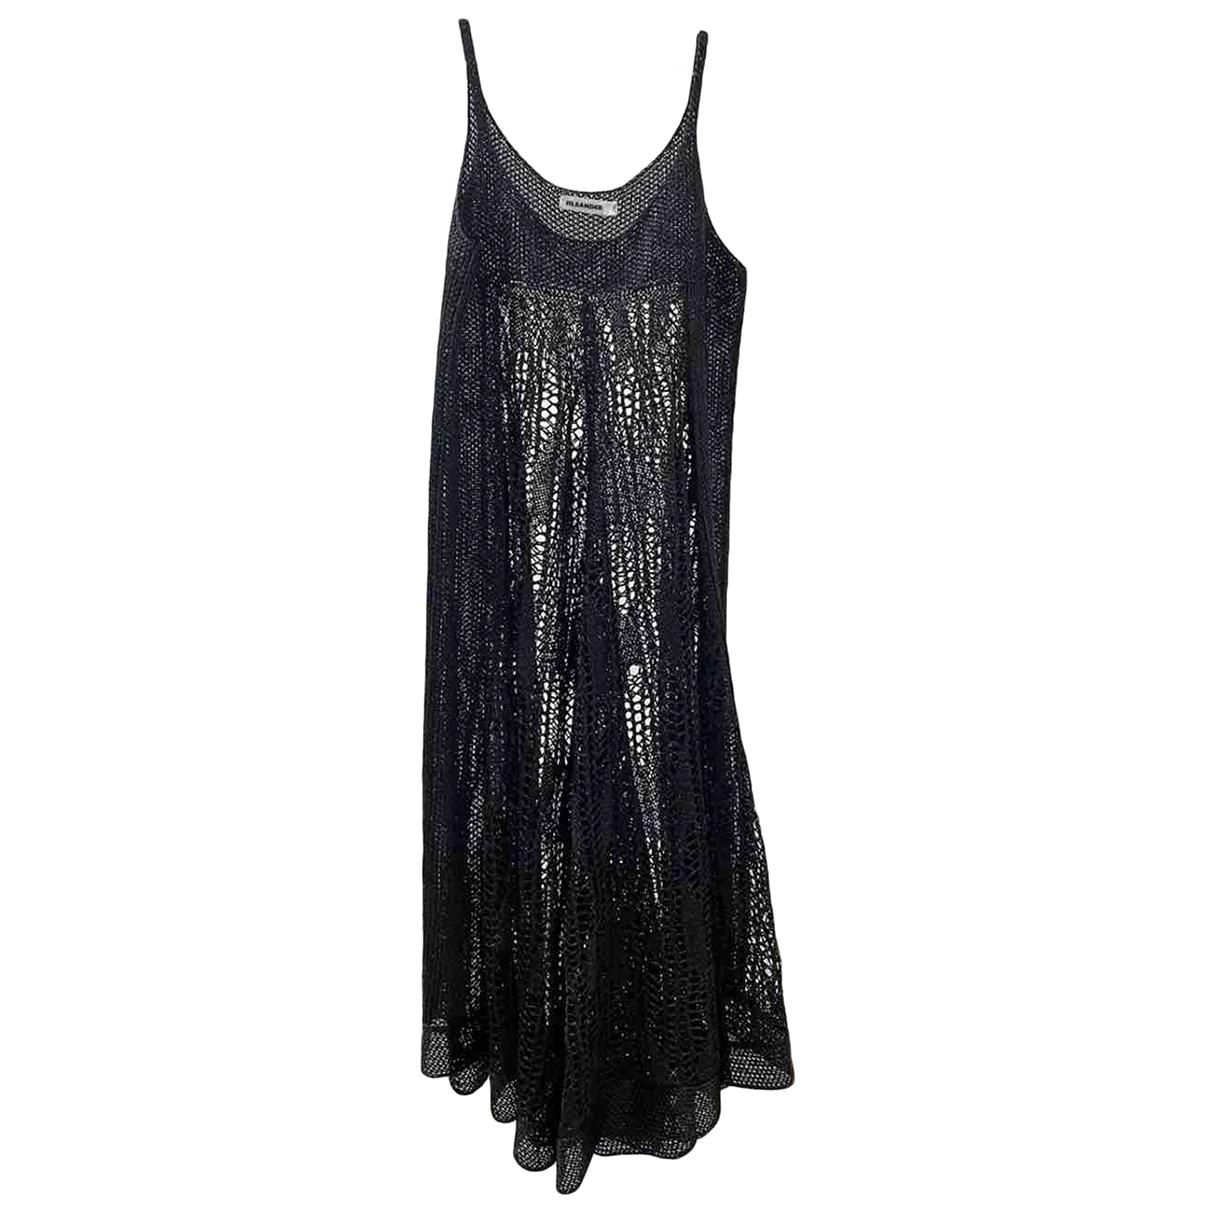 Jil Sander \N Kleid in  Schwarz Synthetik